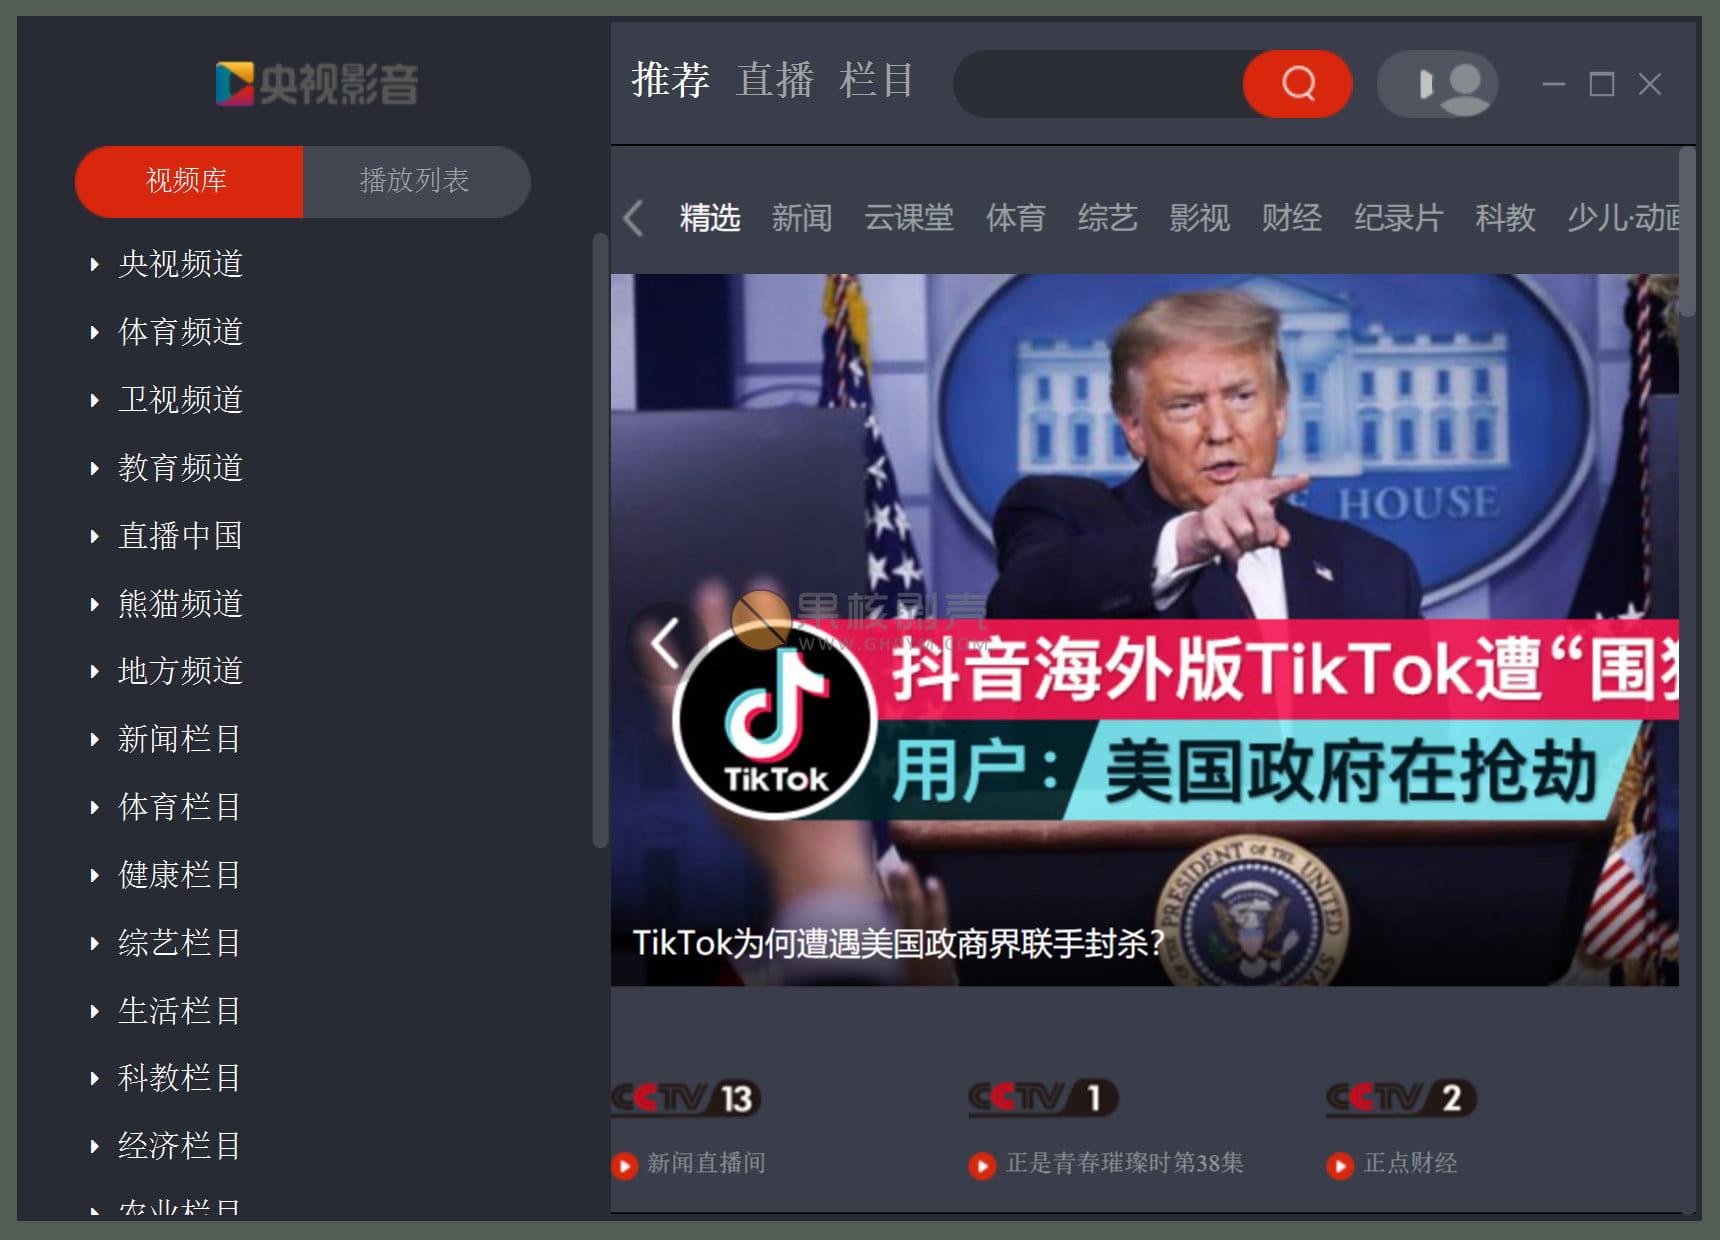 央视影音 v4.6.8.2 去广告绿色版-第1张